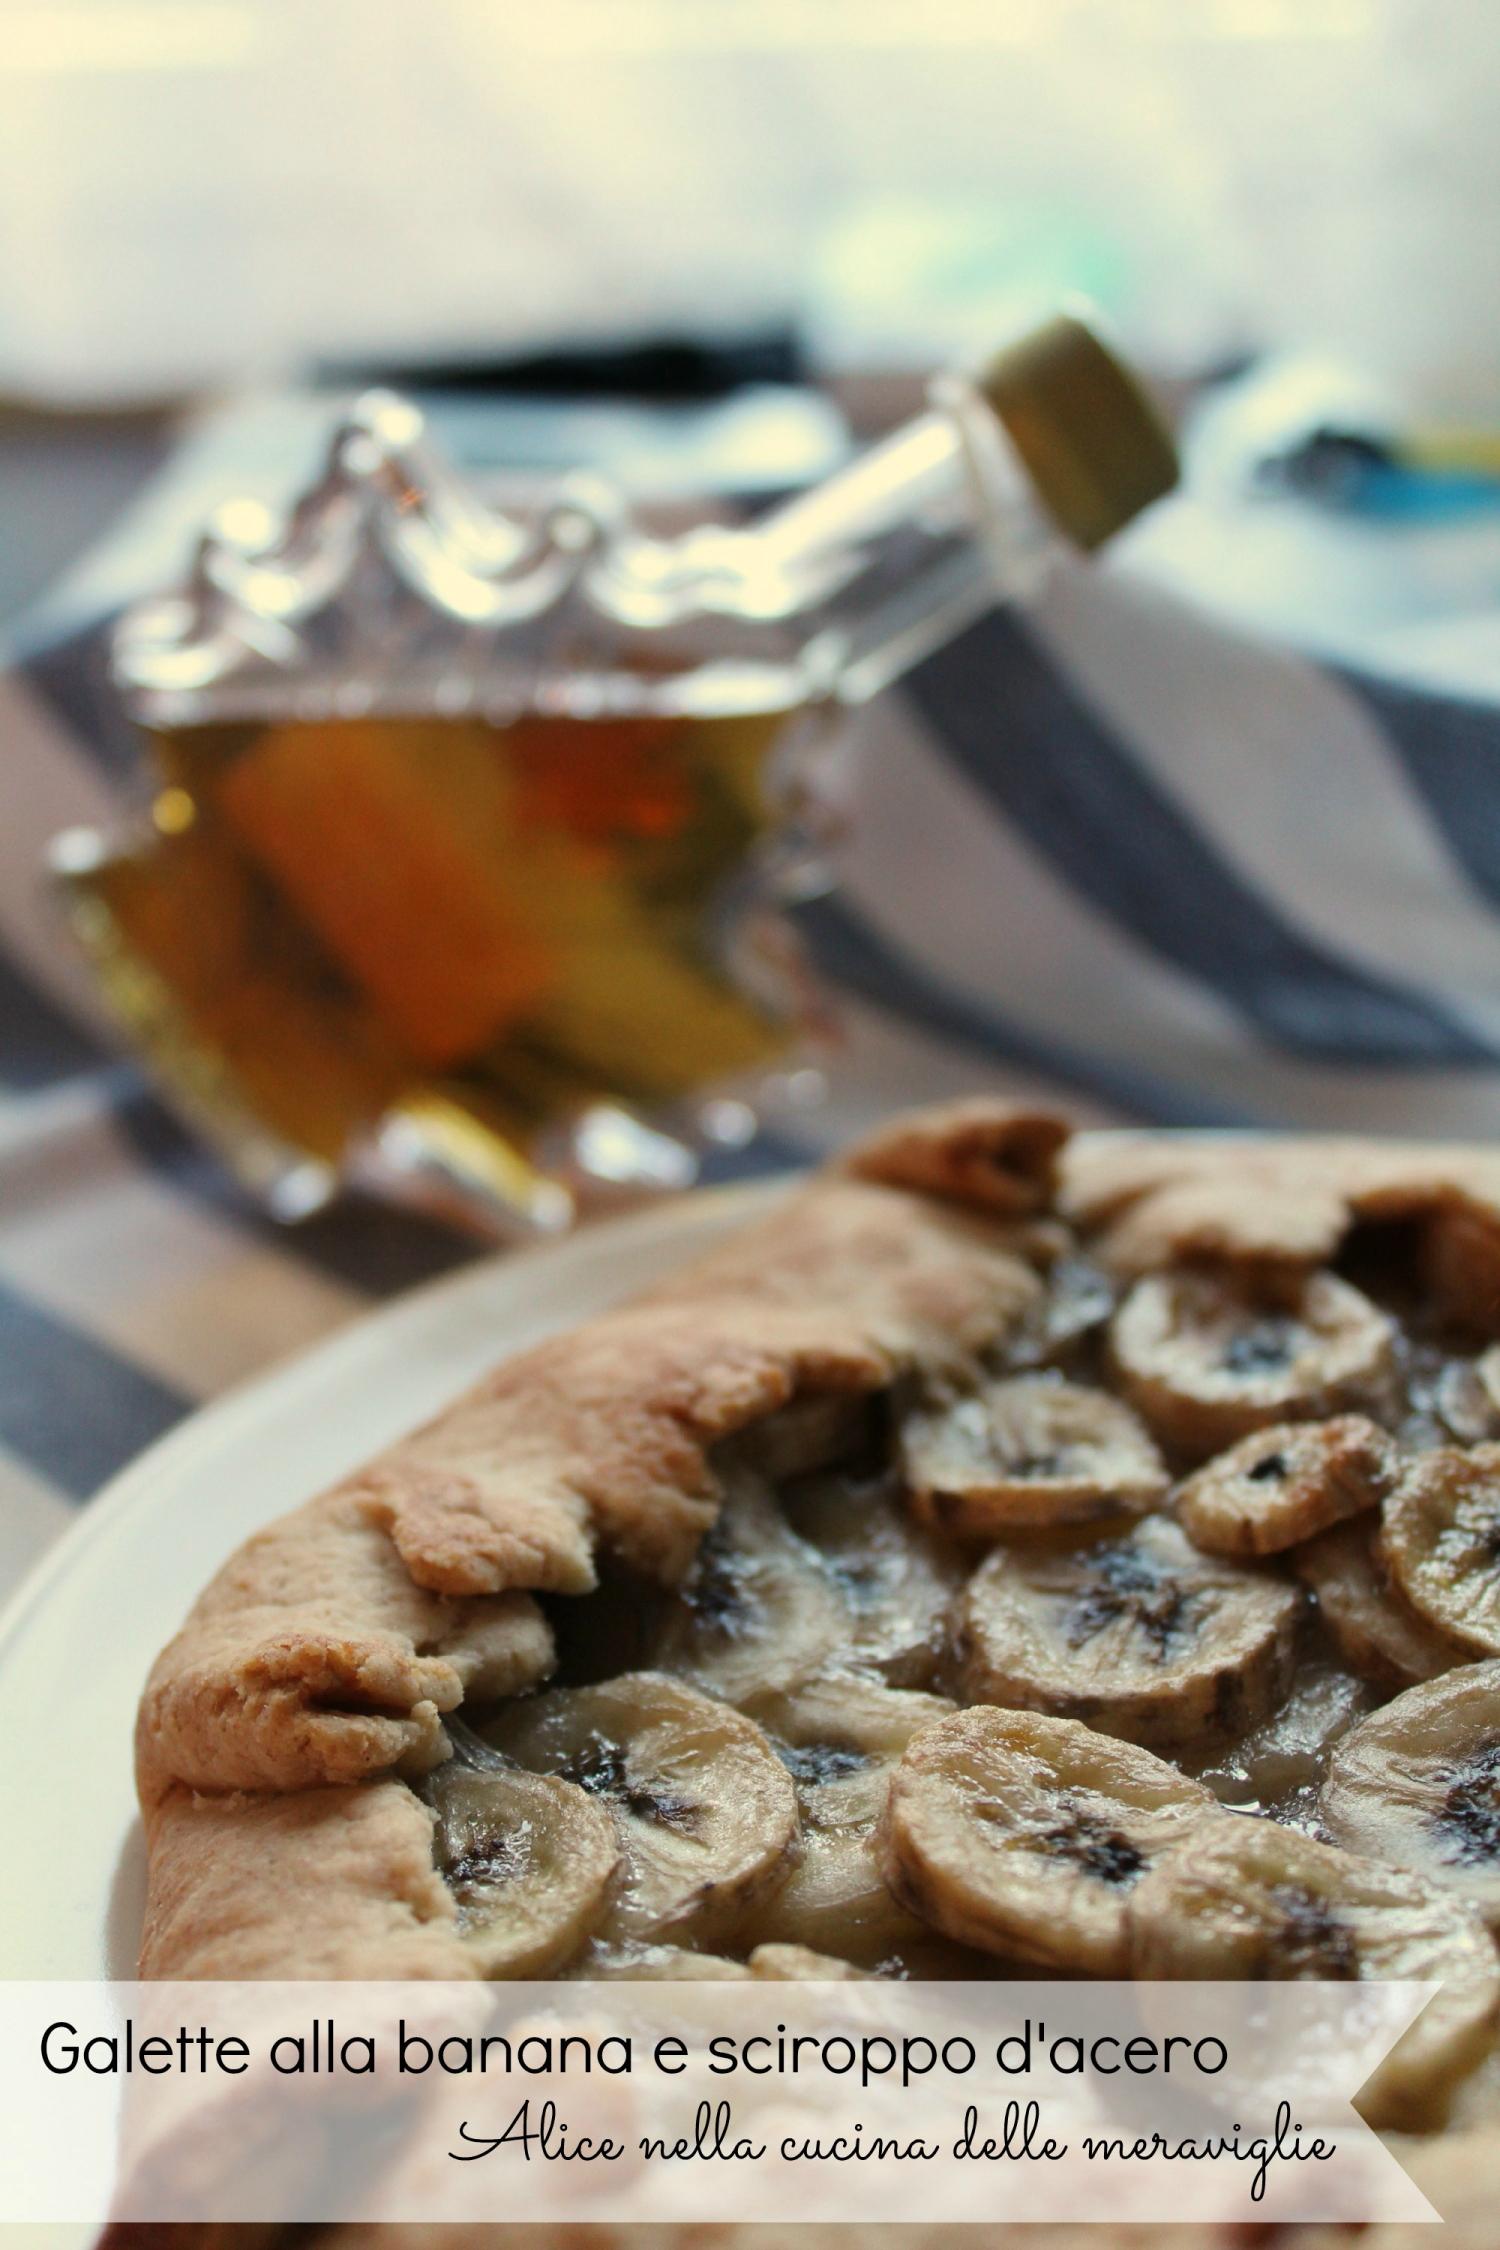 Galette alla banana e sciroppo d'acero Ricetta dolce senza zucchero Alice nella cucina delle meraviglie